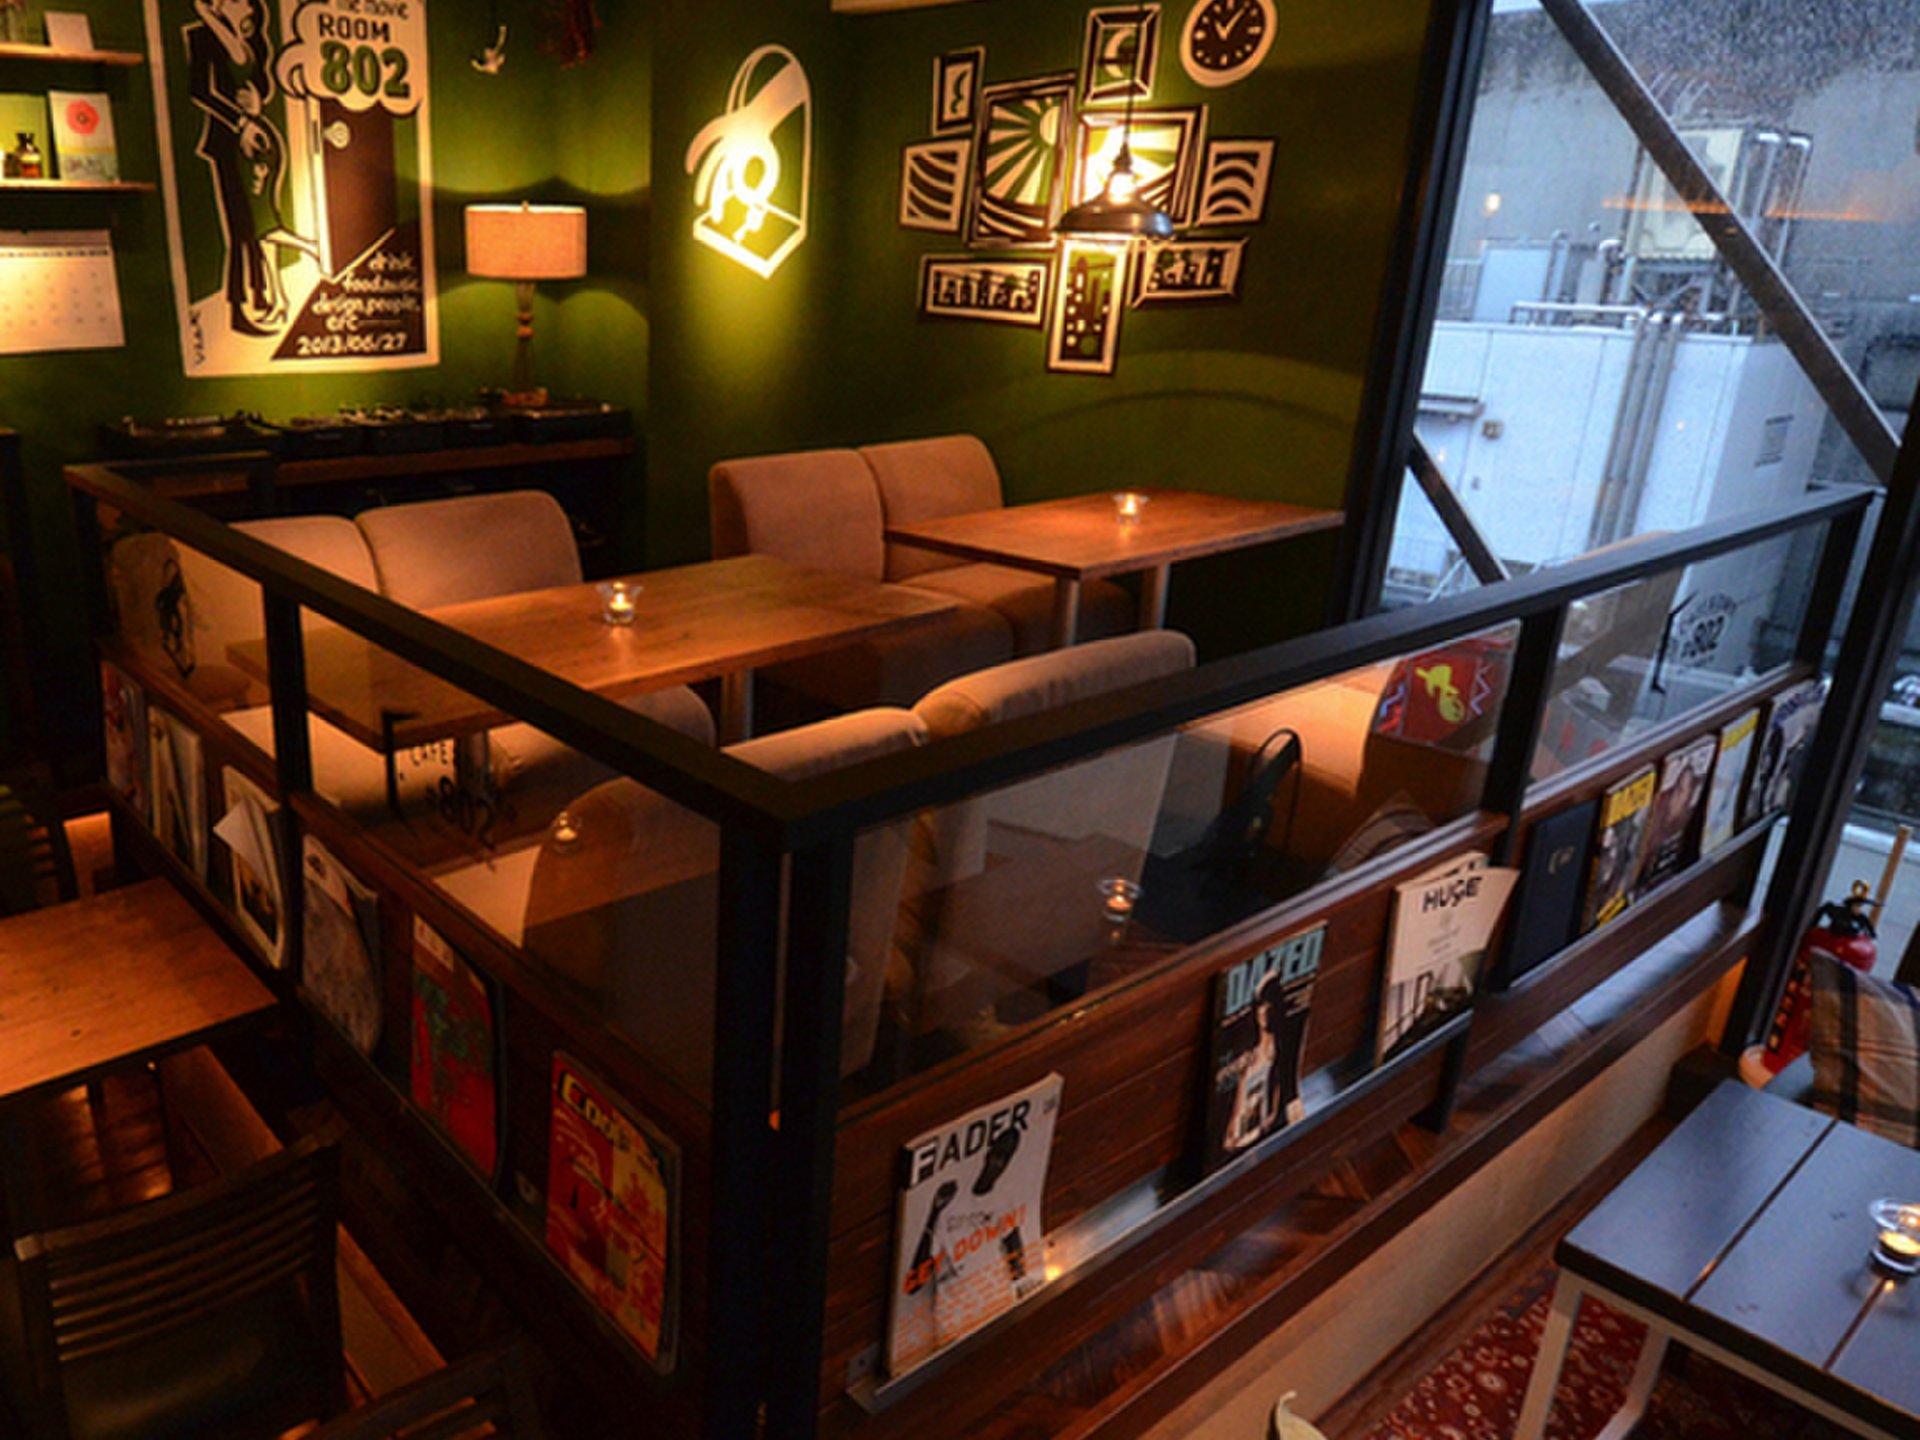 【安い&雰囲気抜群の渋谷おすすめレストラン4選】普段使いからデートや誕生日にも!